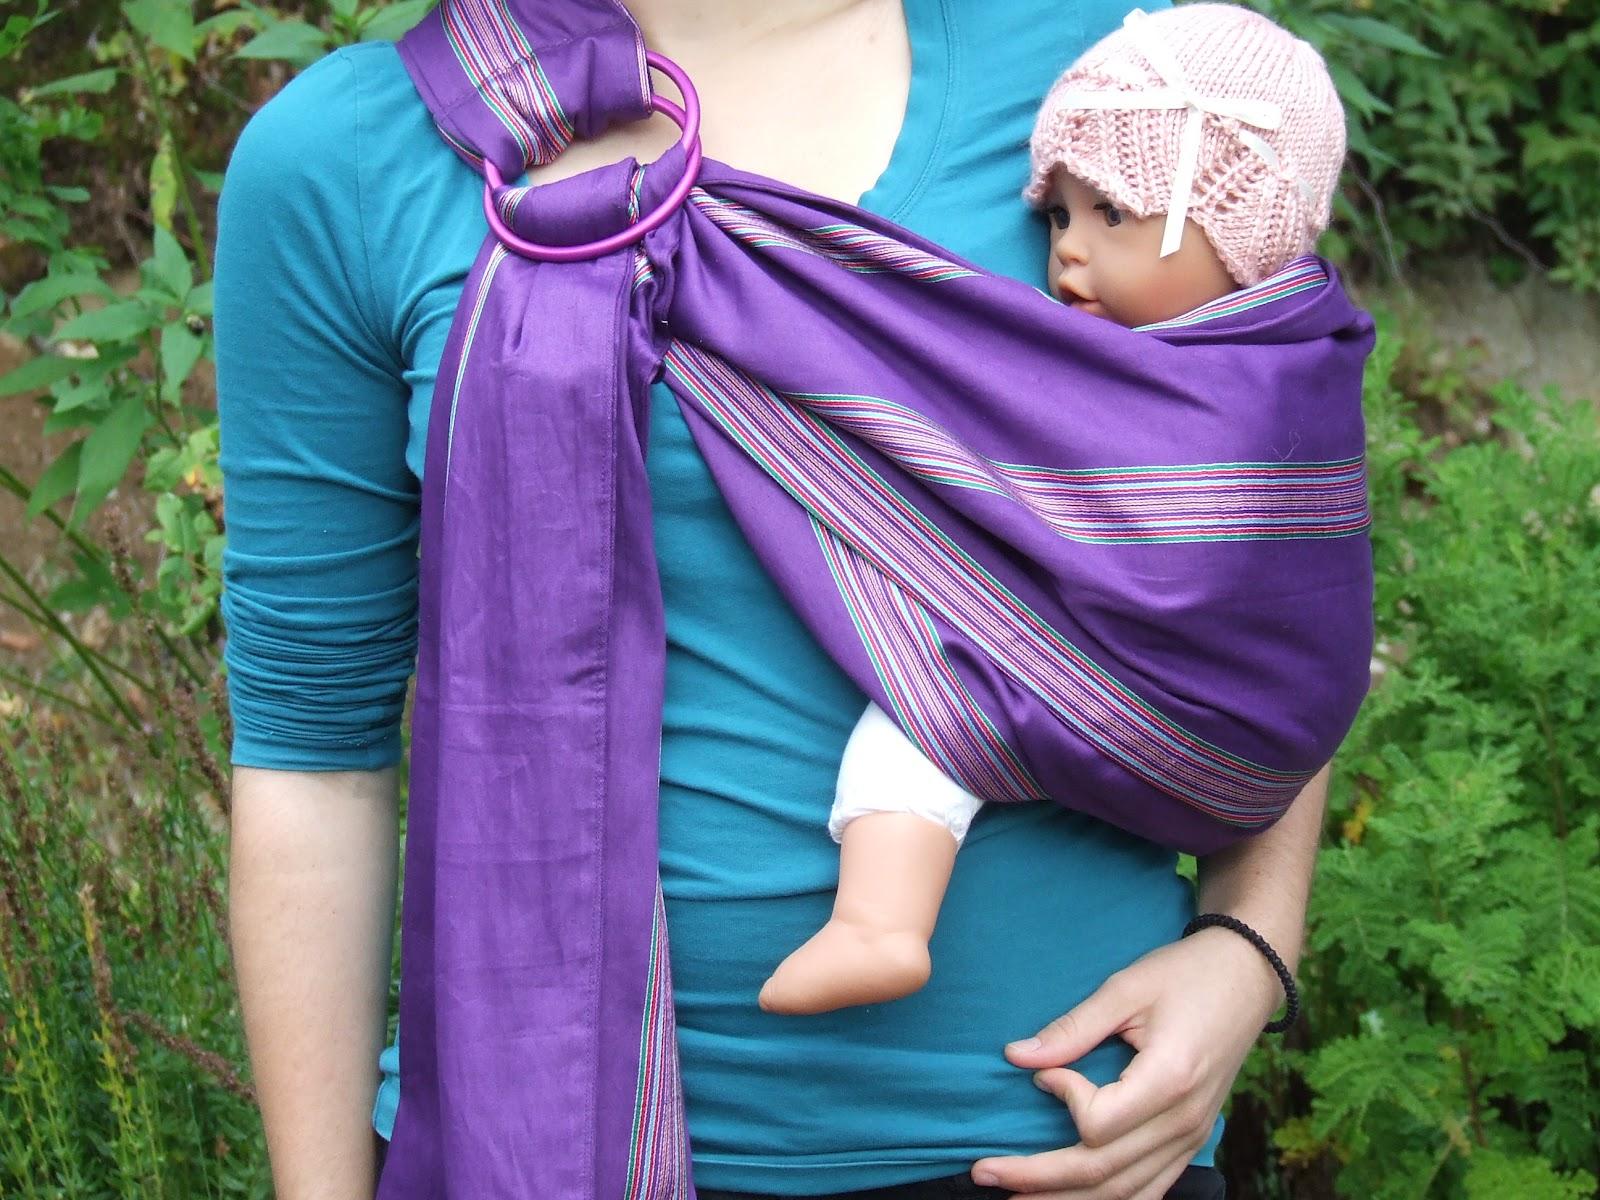 869f36e42a71 J ai laissé le tissu plié sur mon épaule, comme la poupée n est pas bien  pesante, mais comme il n est pas tout cousu sur le long il est possible de  le ...